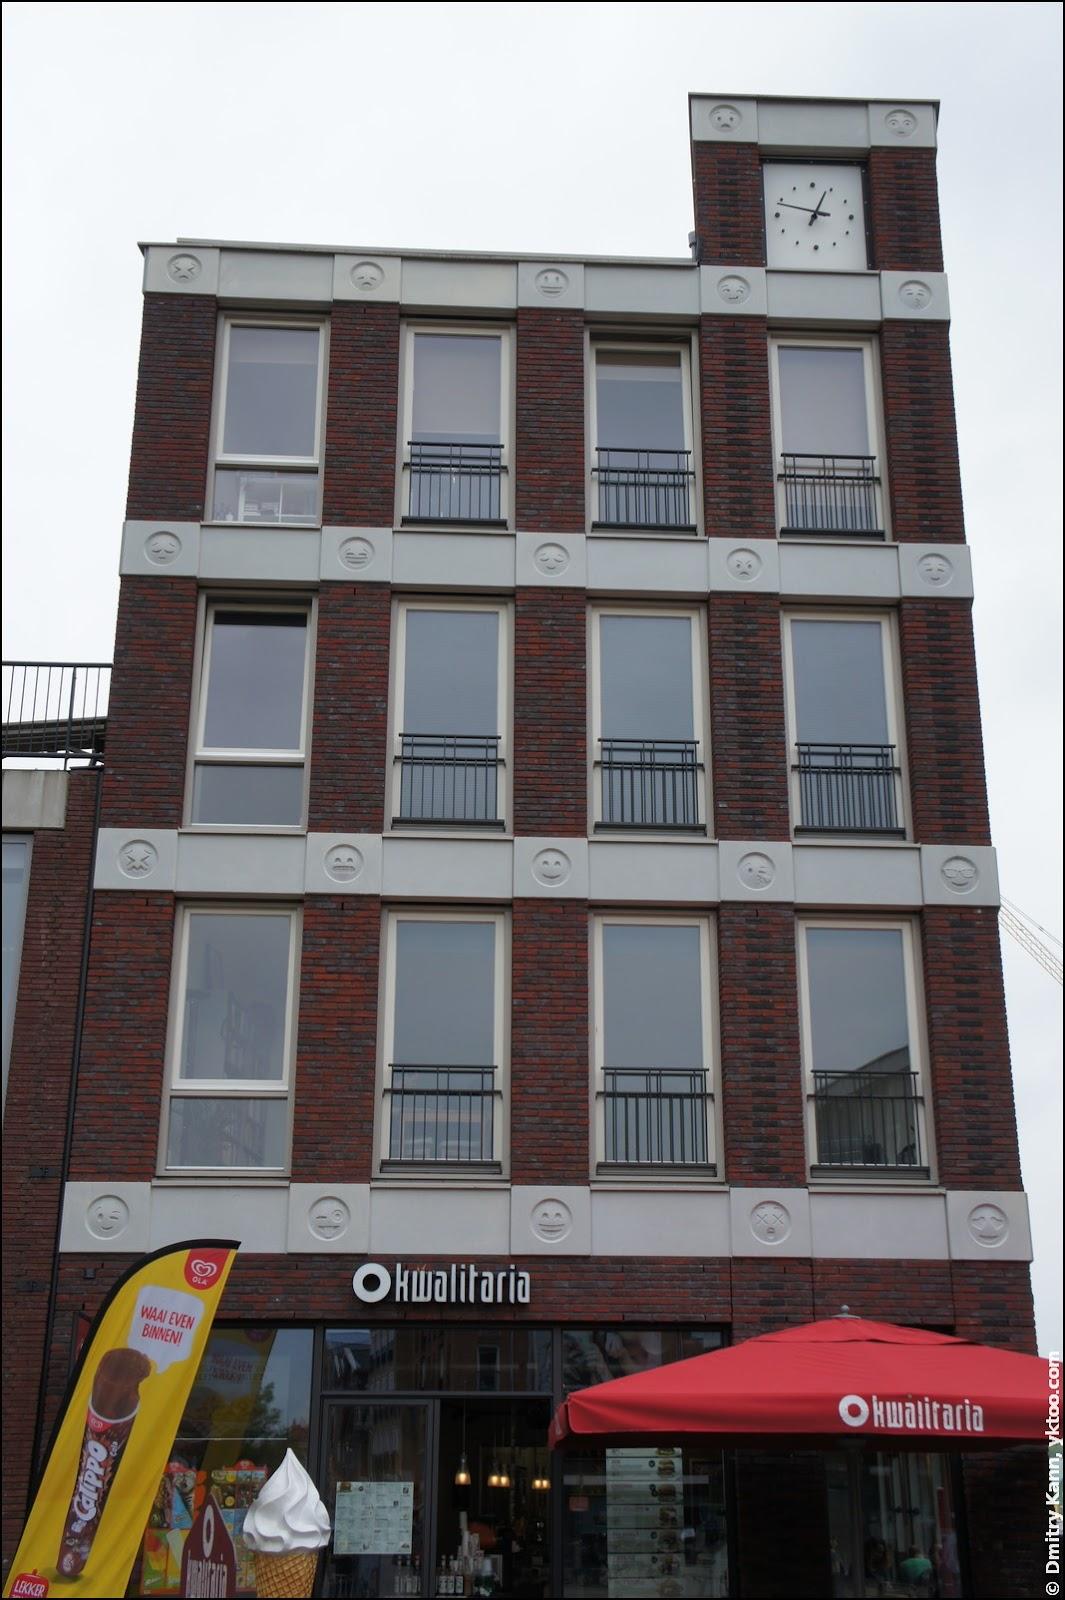 Здание со смайлами.